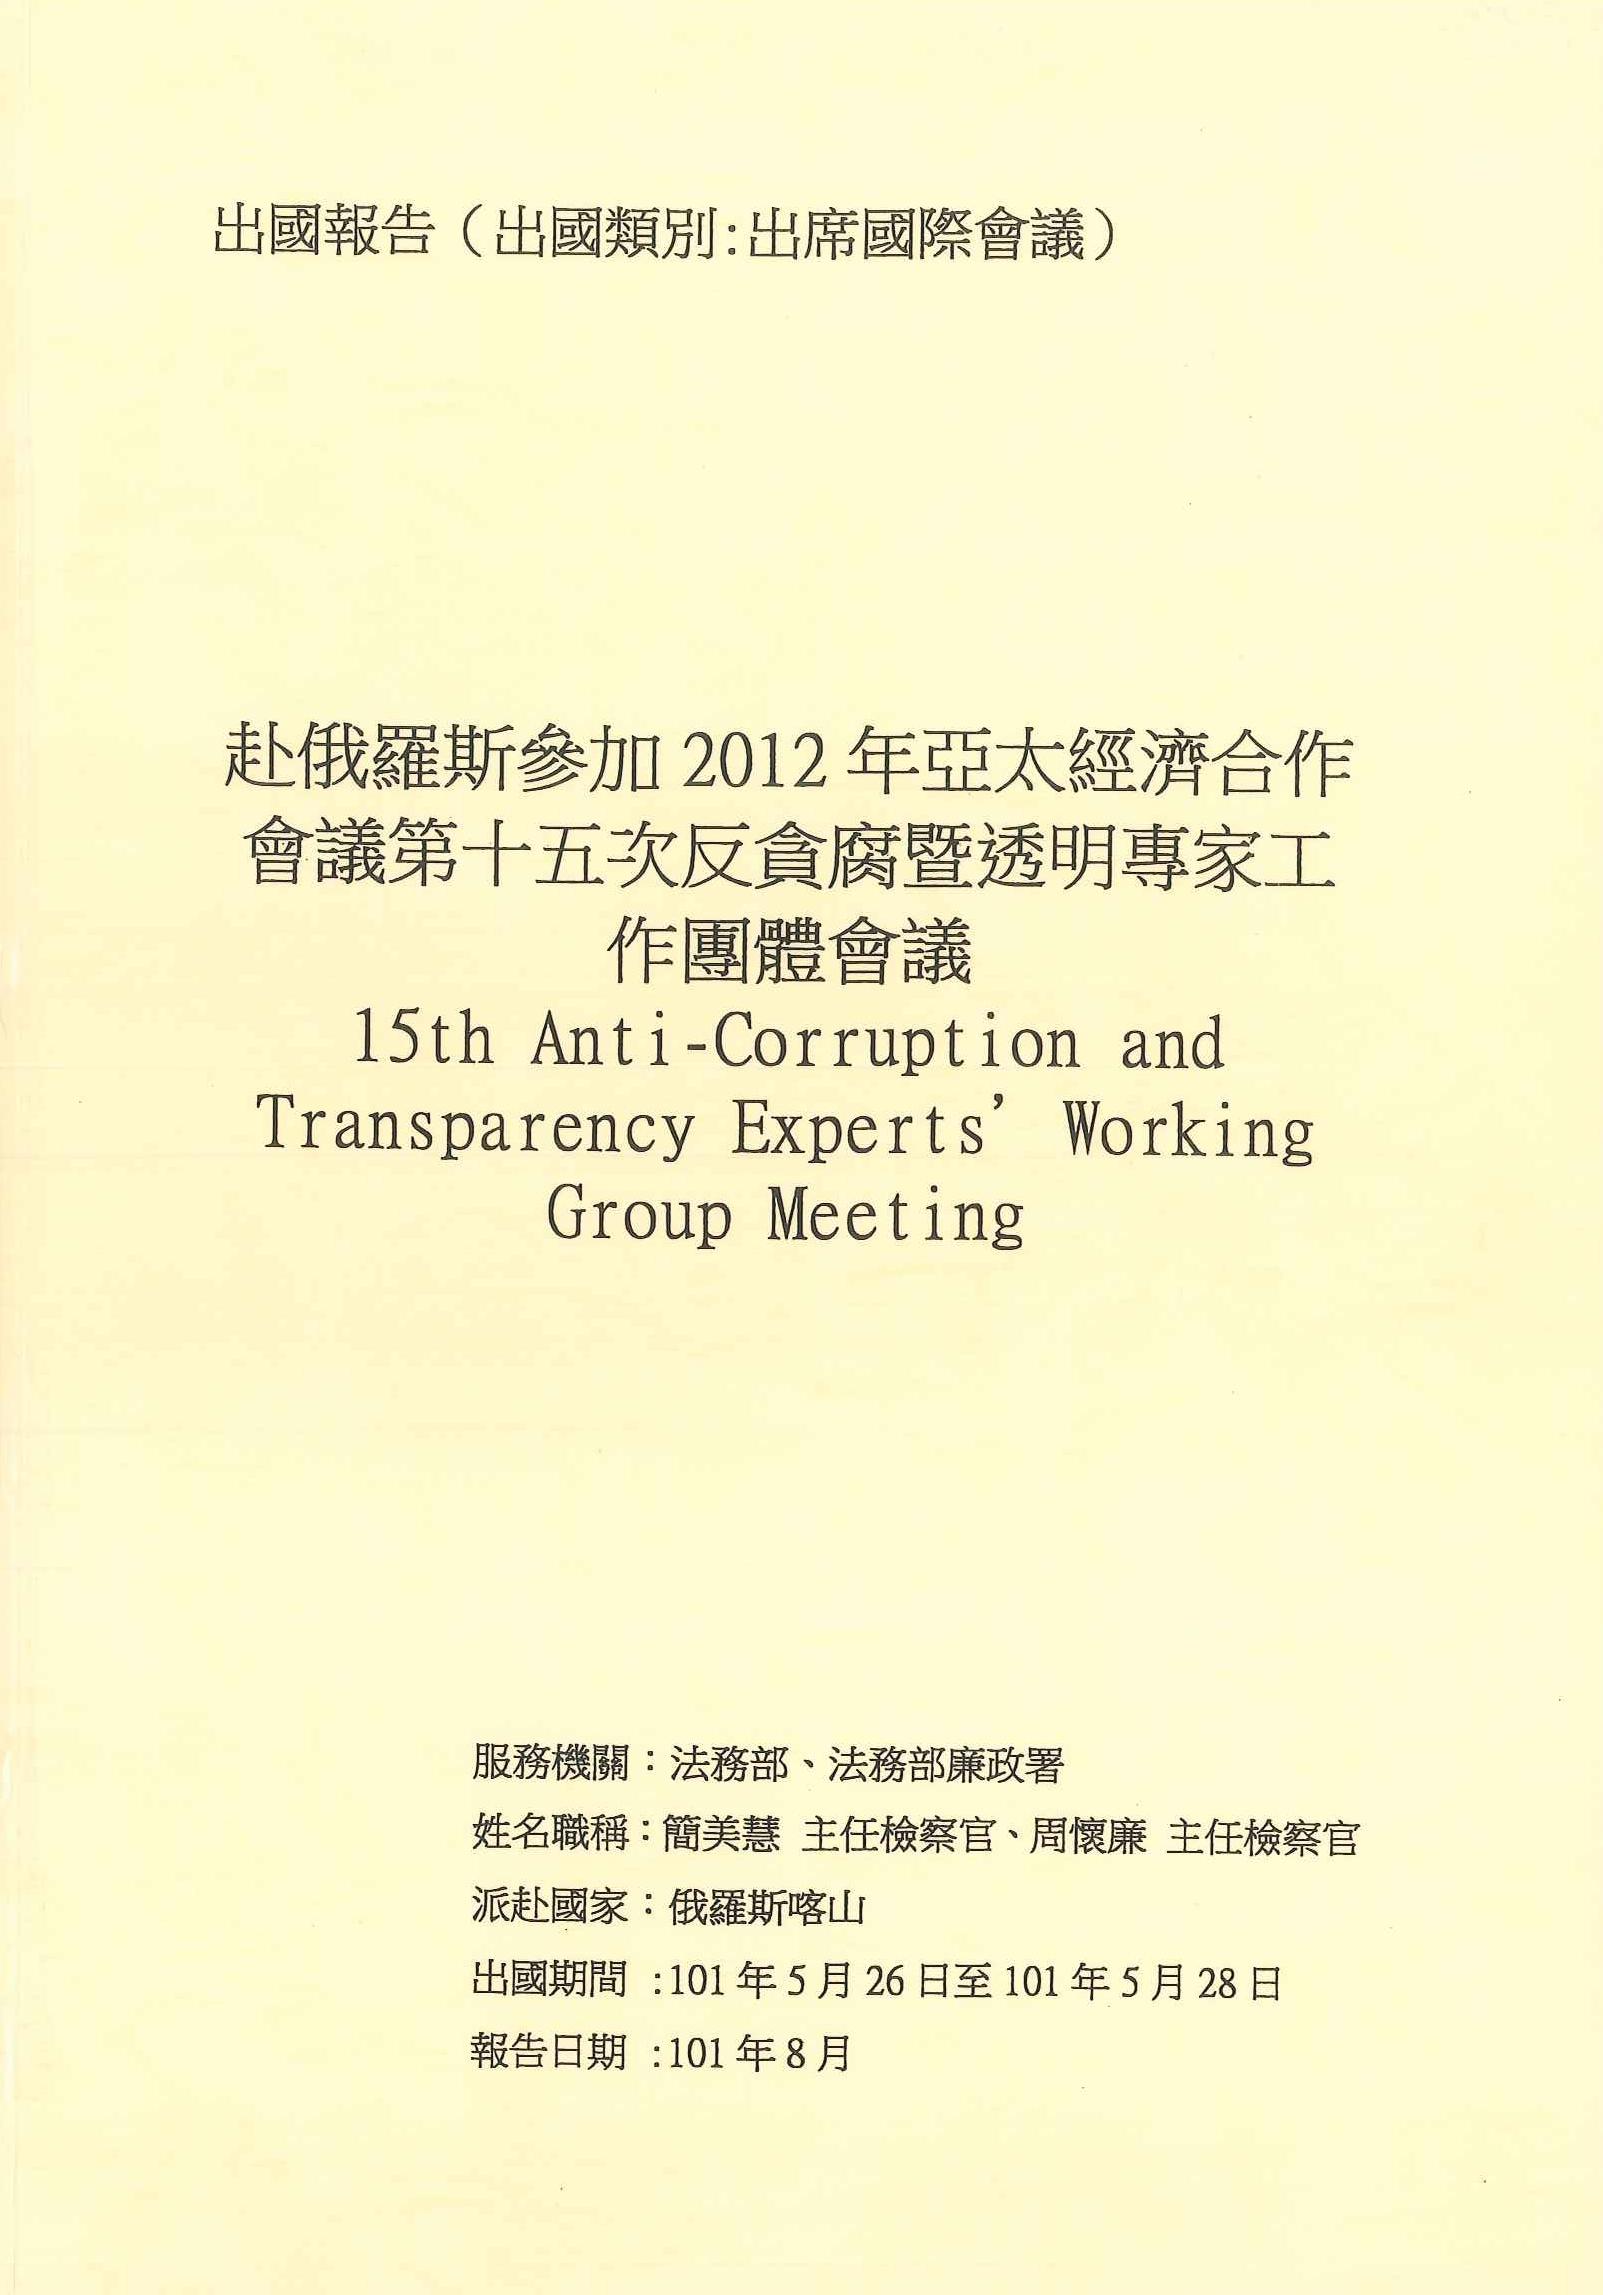 赴俄羅斯參加2012年亞太經濟合作會議第十五次反貪腐暨透明專家工作團體會議=15th Anti-Corruption and Transparency Experts